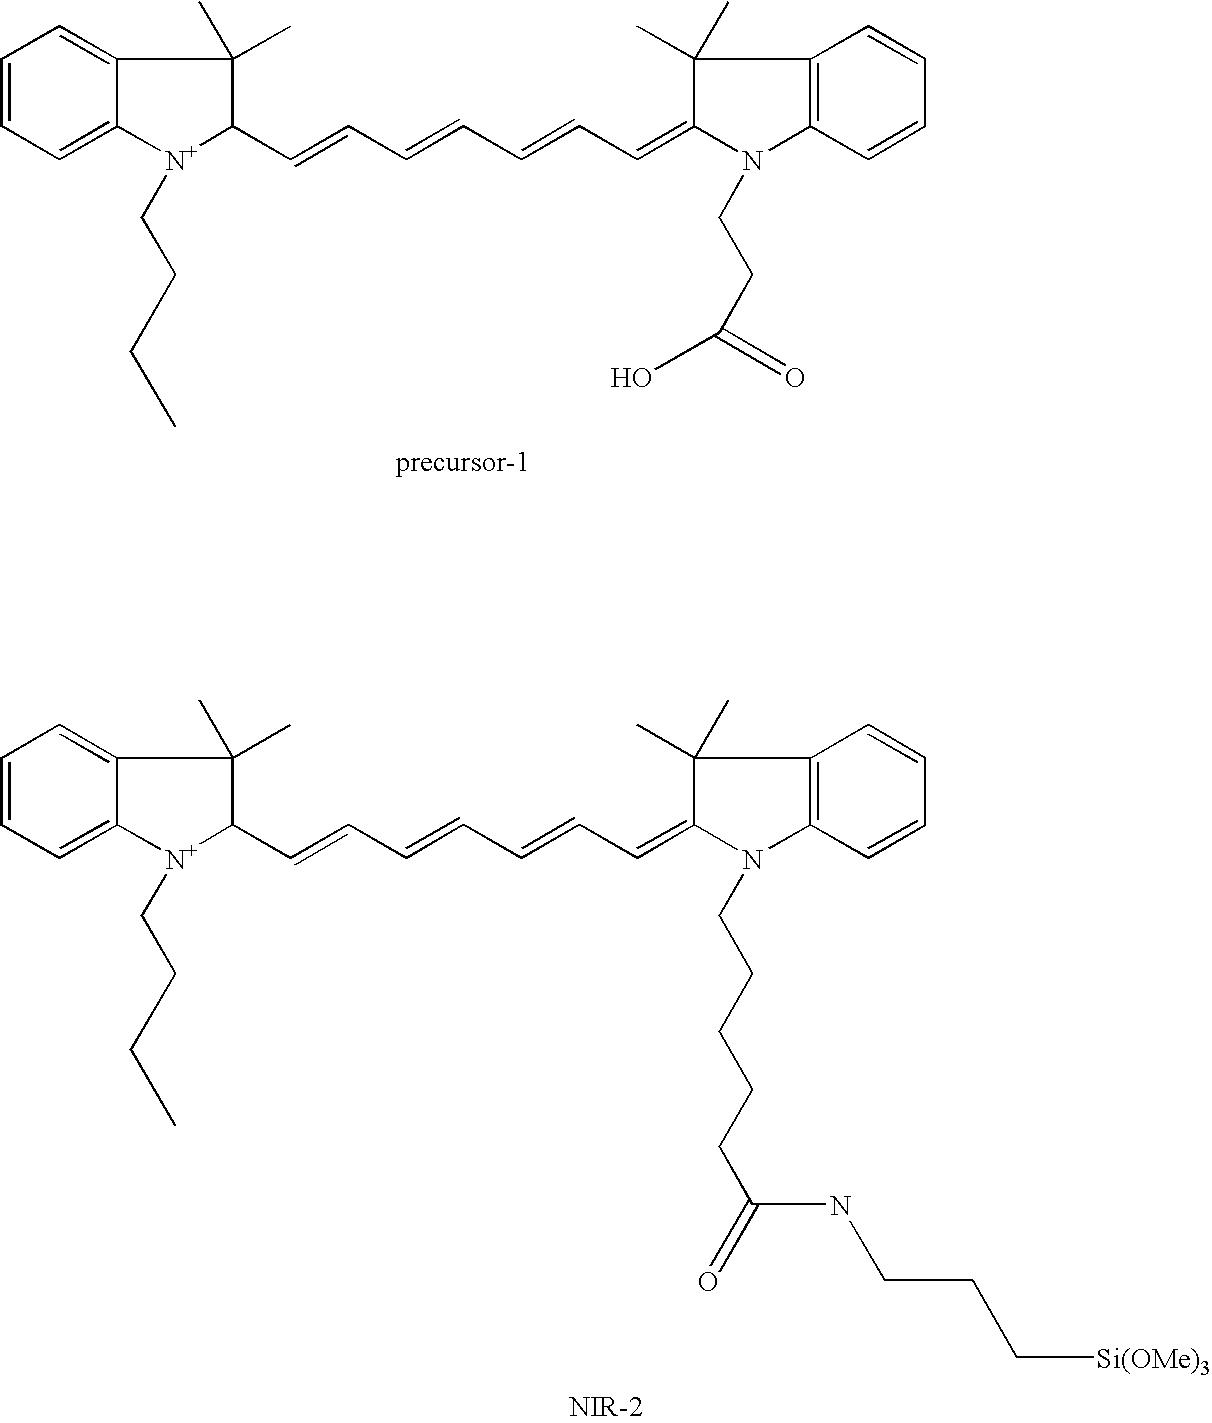 Figure US20070292688A1-20071220-C00002